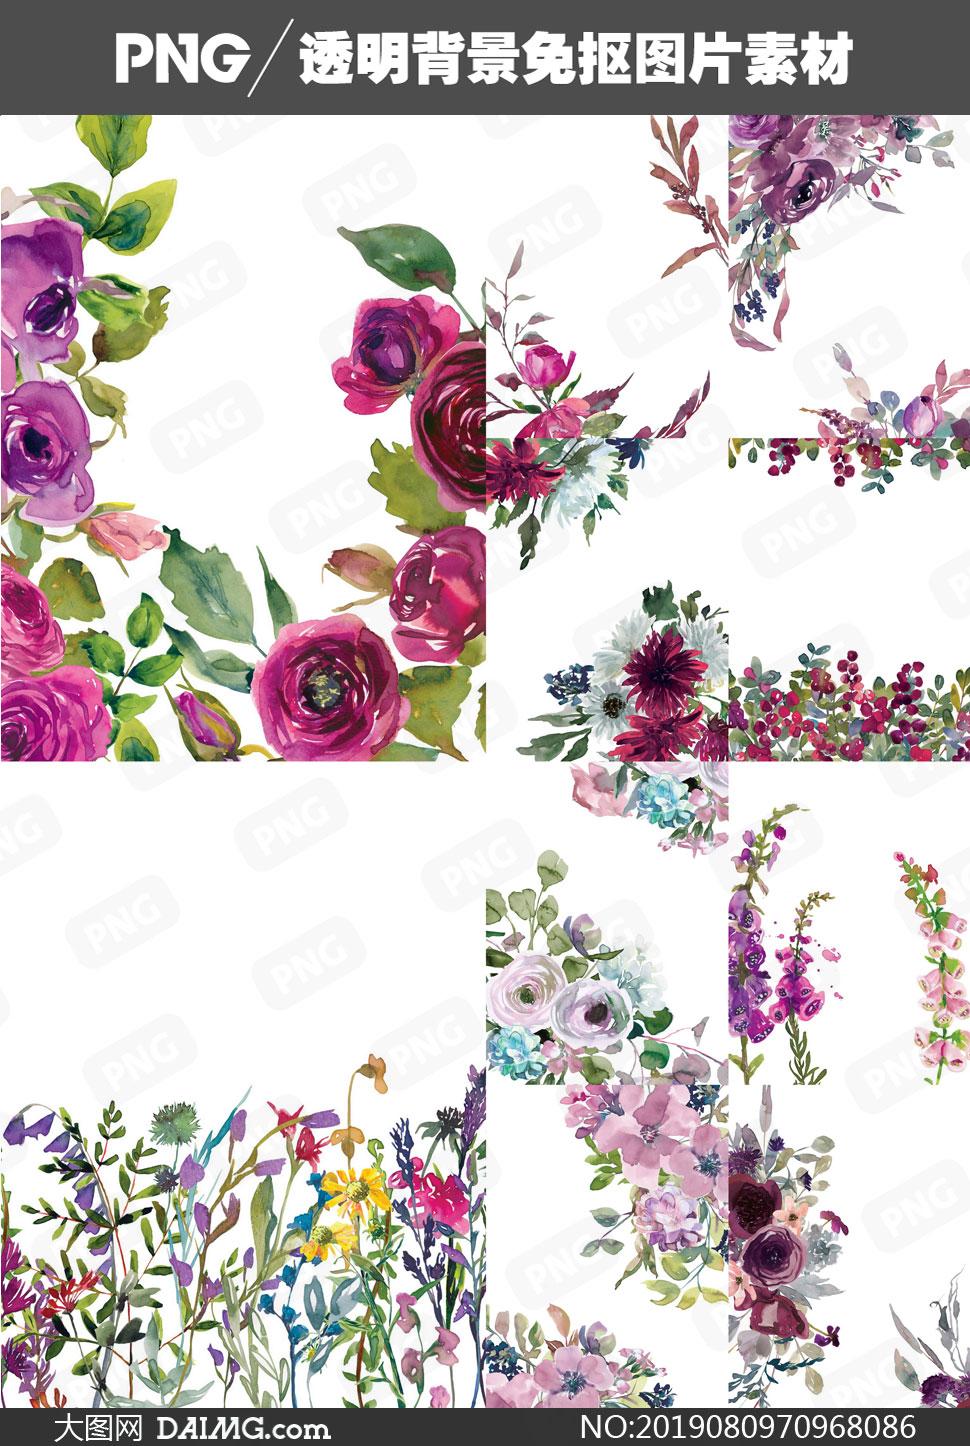 水彩花卉植物裝飾元素免摳圖片素材